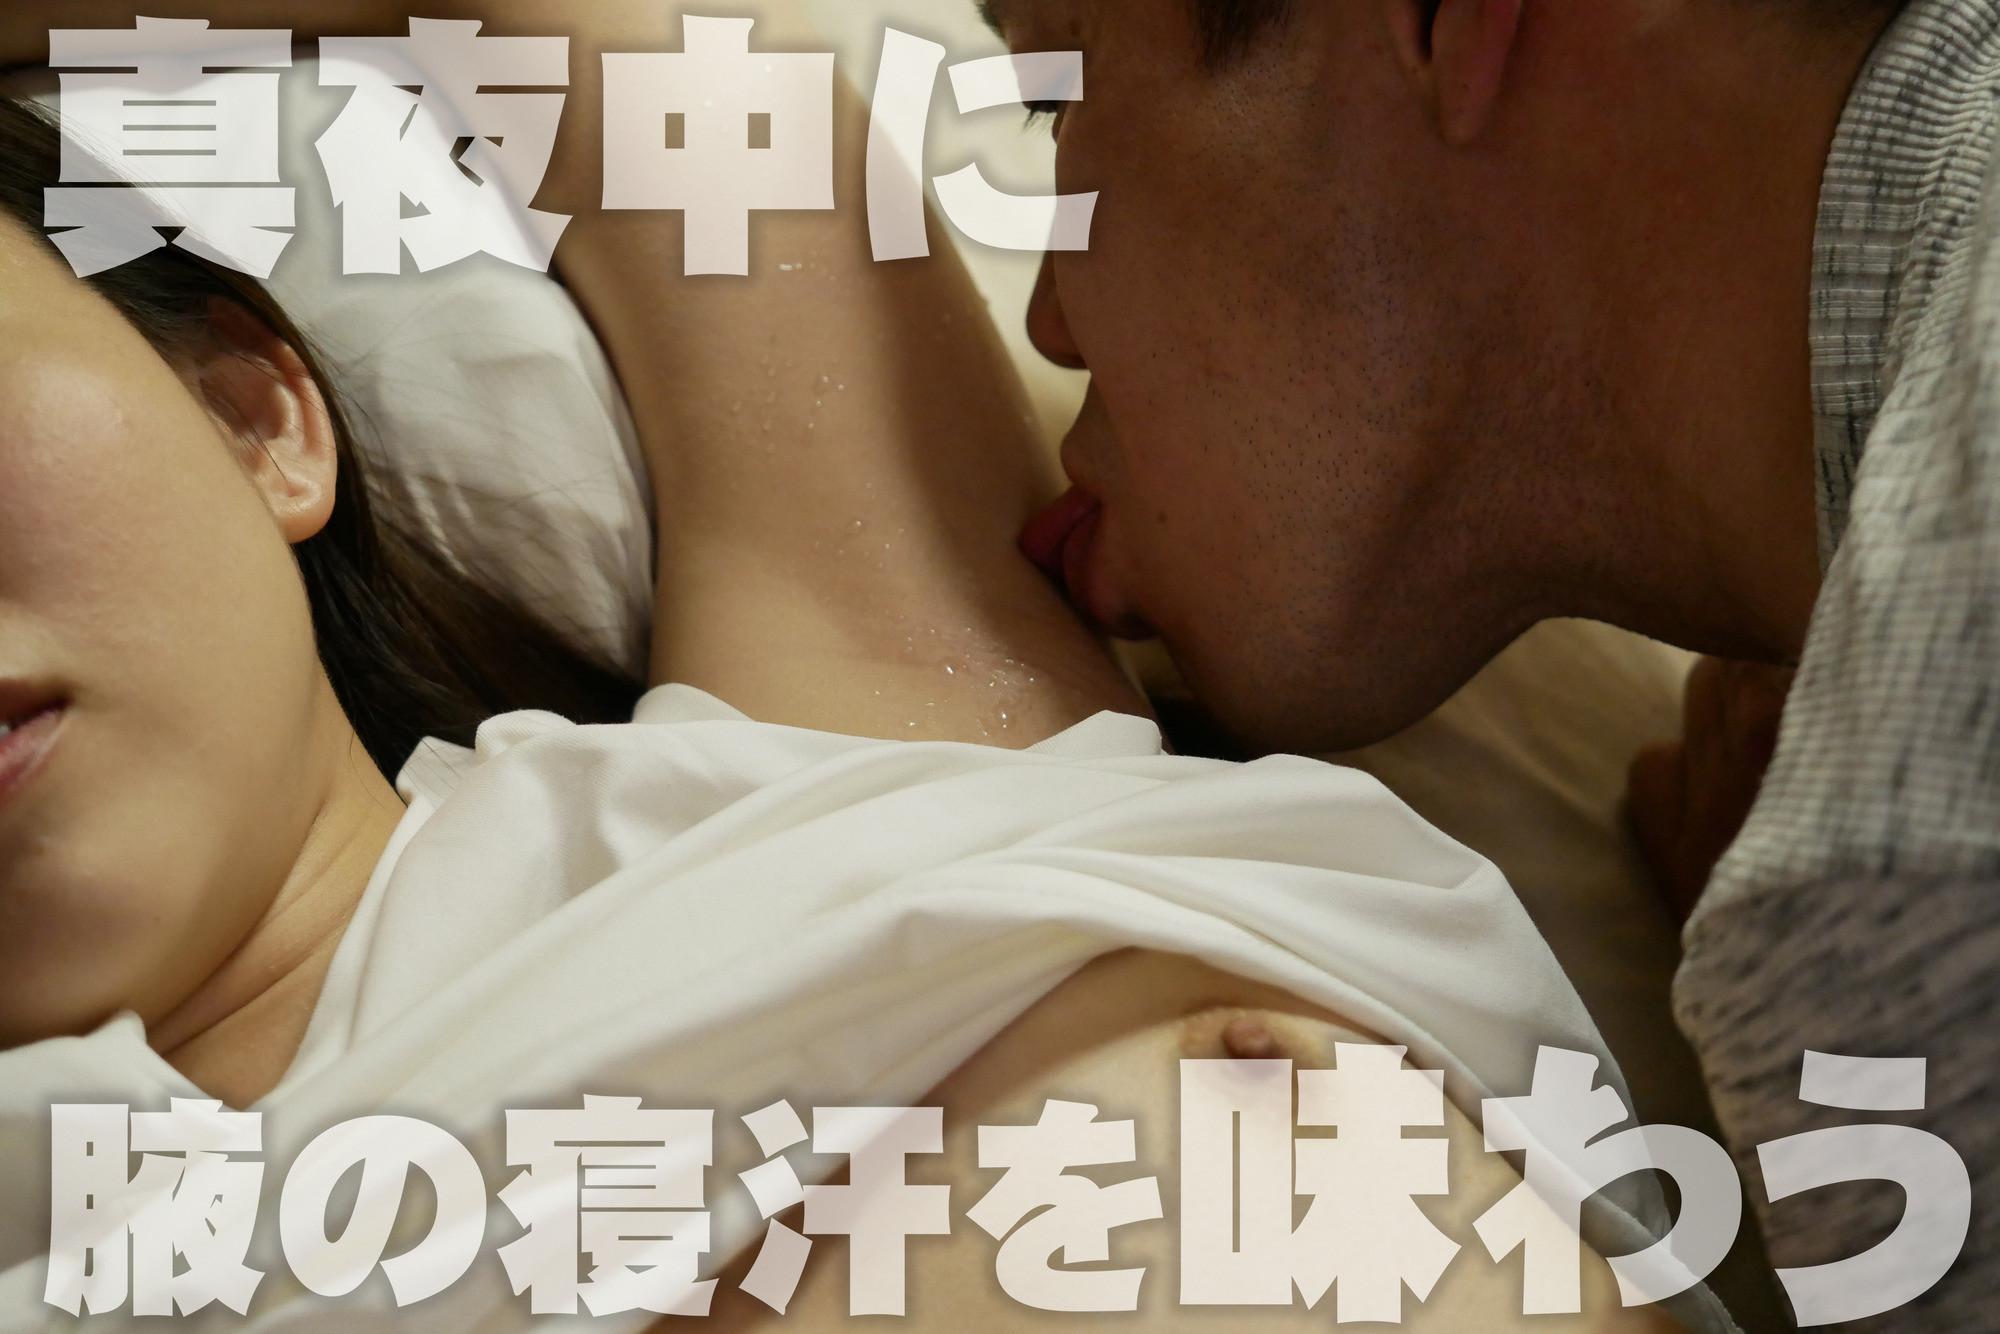 【ワキコイ】兄が私の腋に恋してる 画像5